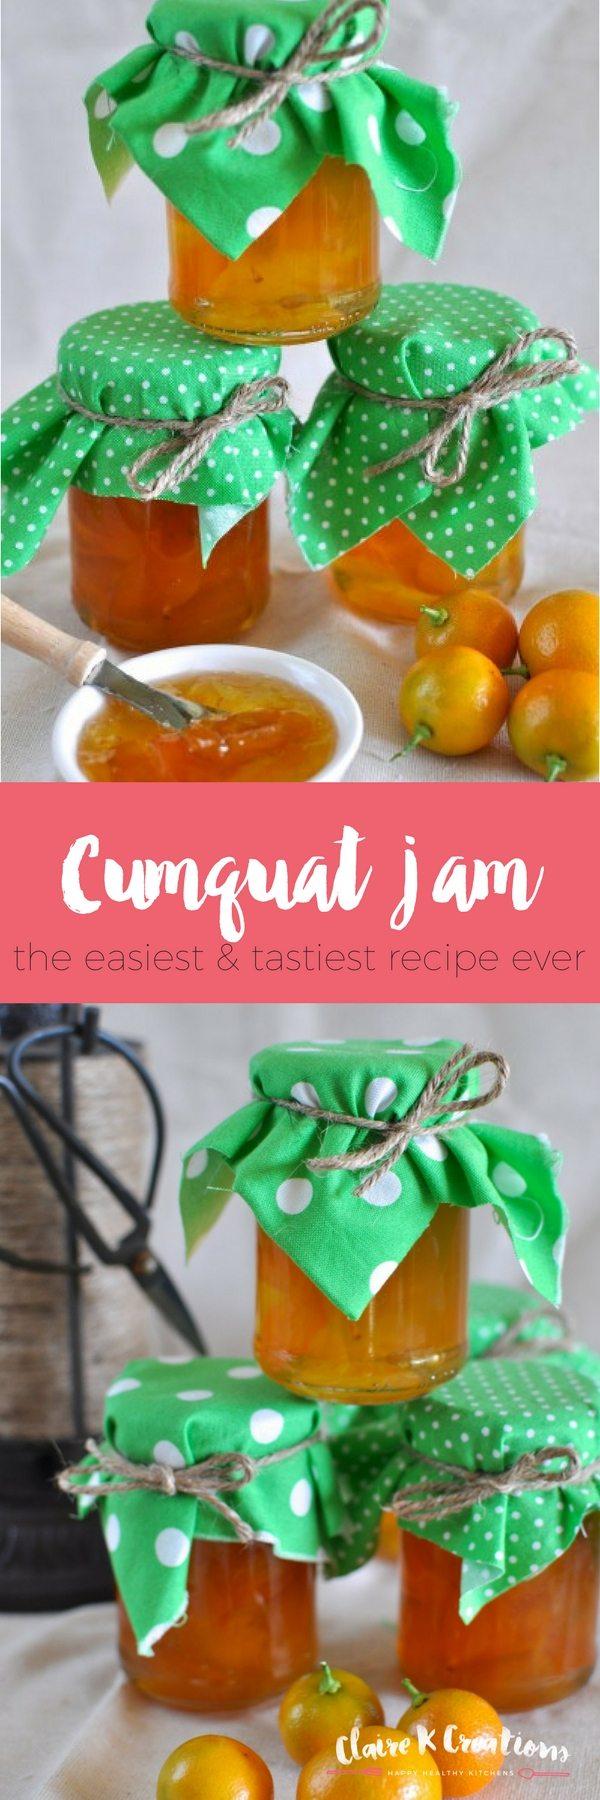 Cumquat jam via www.clairekcreations.com